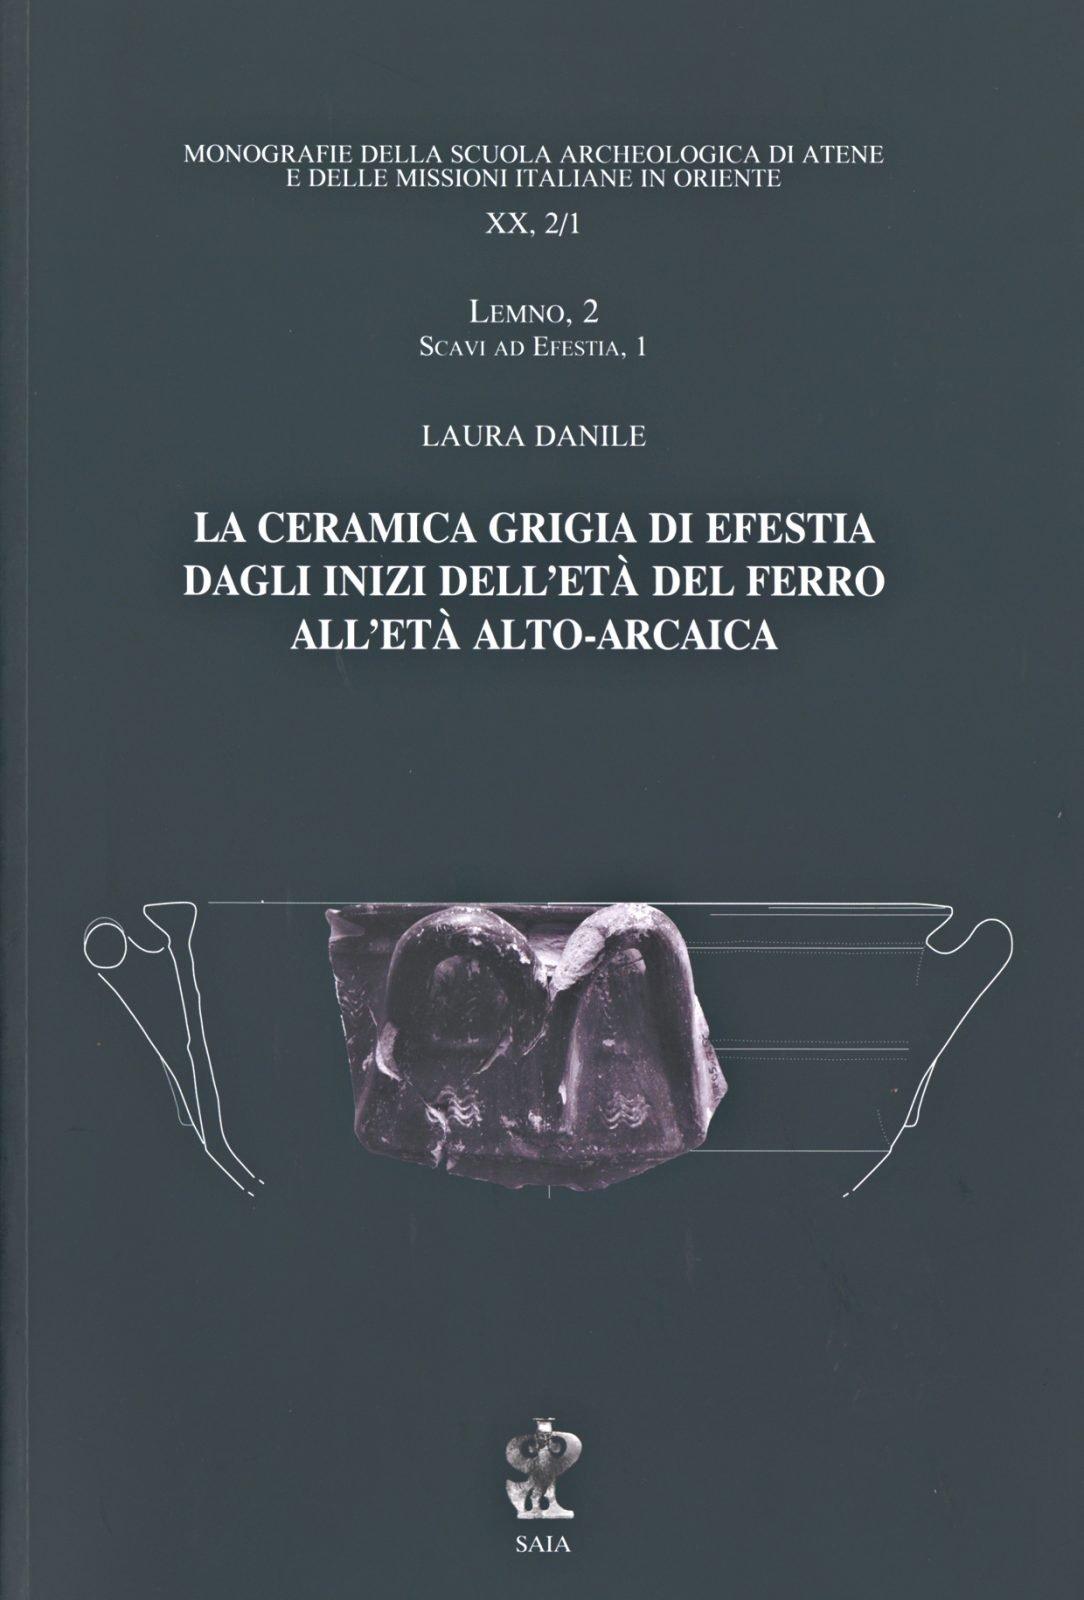 La ceramica grigia di Efestia dagli inizi dell'età del Ferro all'età alto-arcaica, copertina.